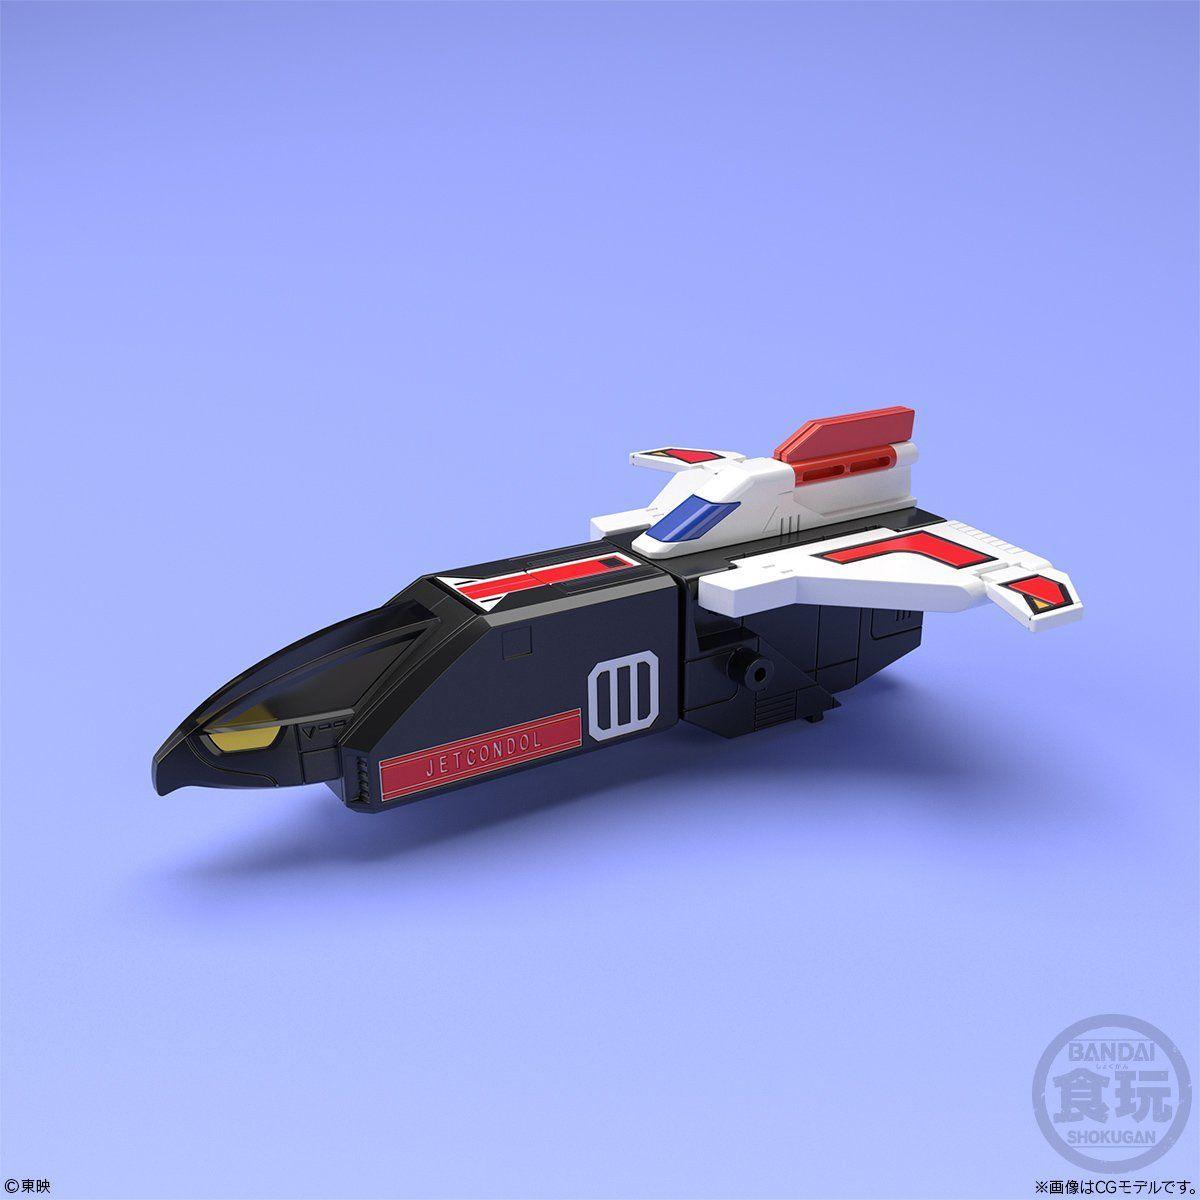 【食玩】スーパーミニプラ『天空合体 ジェットイカロス』鳥人戦隊ジェットマン プラモデル 5個入りBOX-003